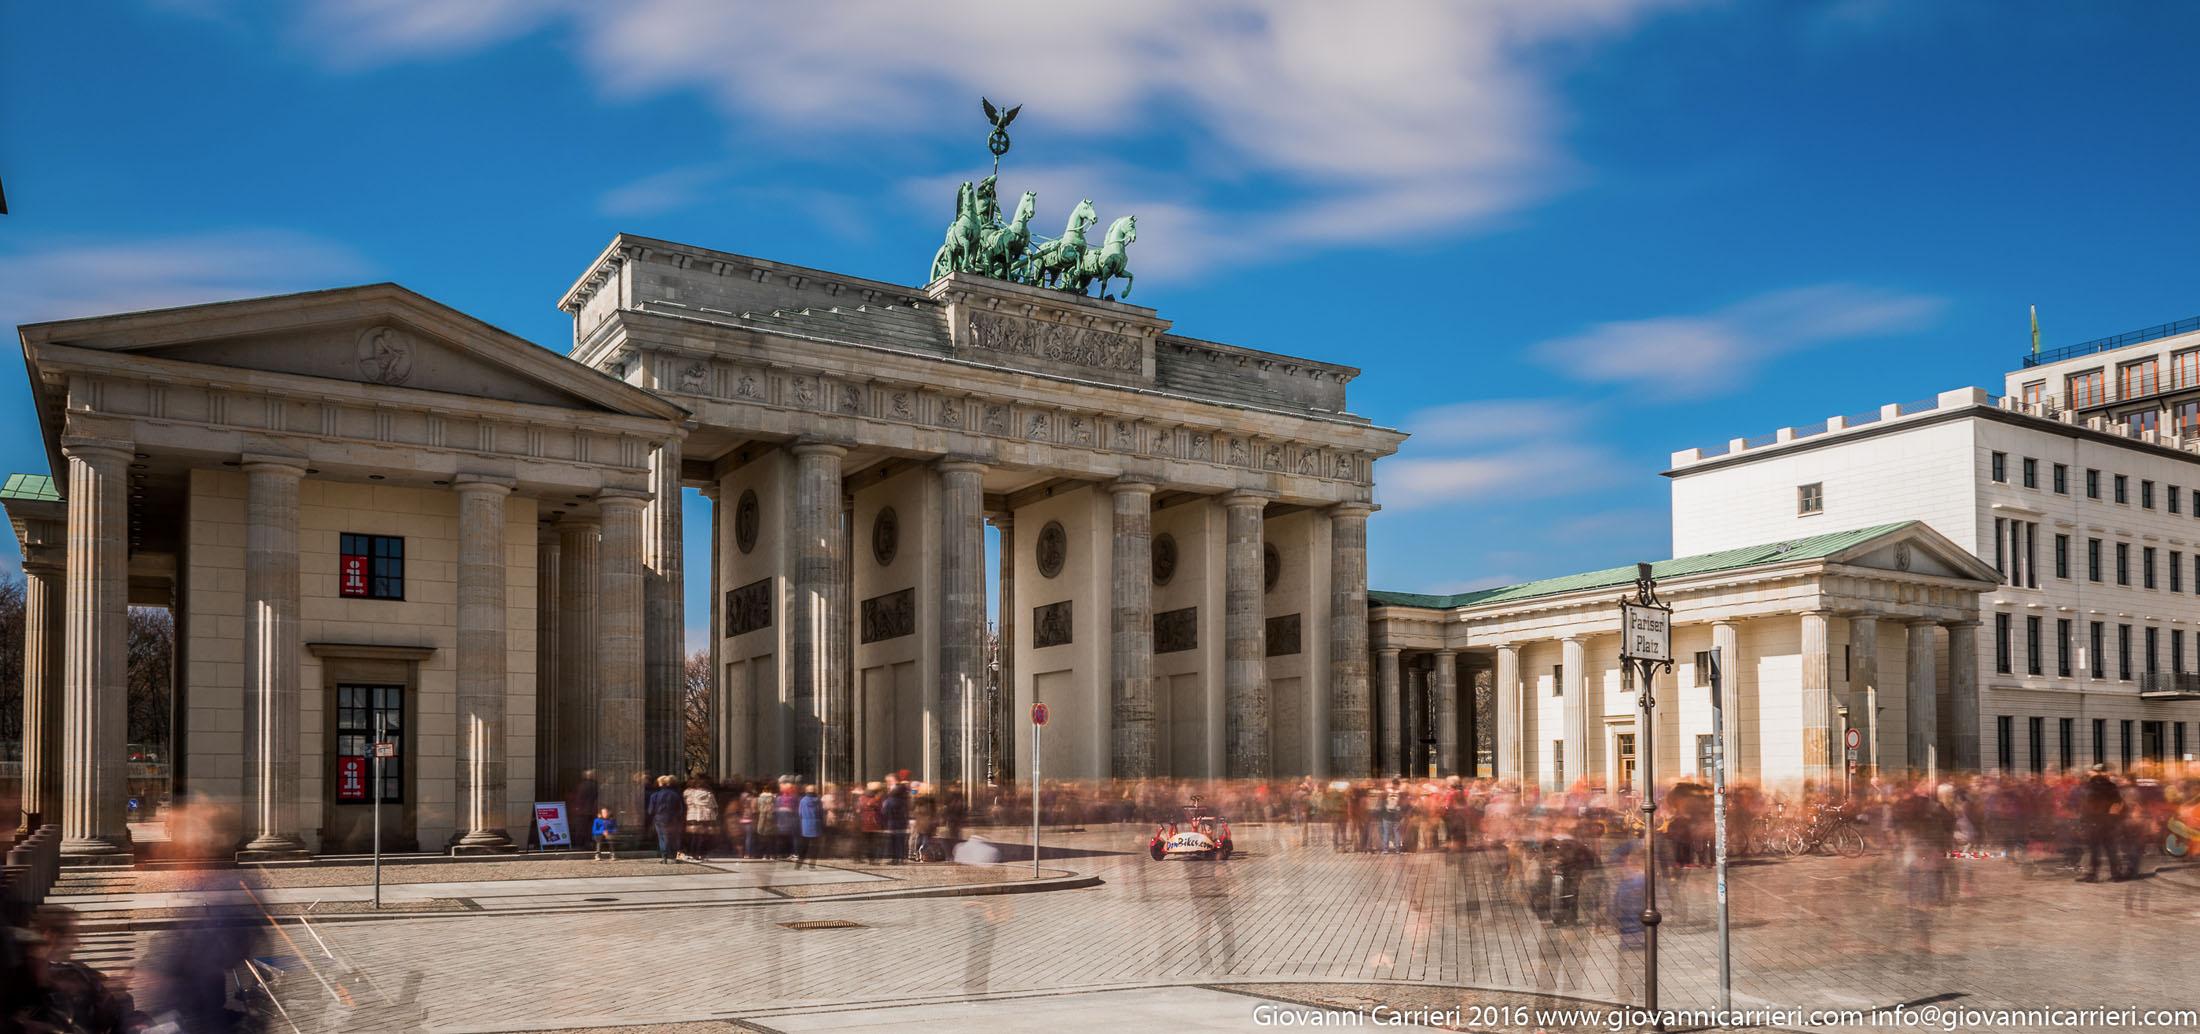 La Porta di brandeburgo ed i turisti